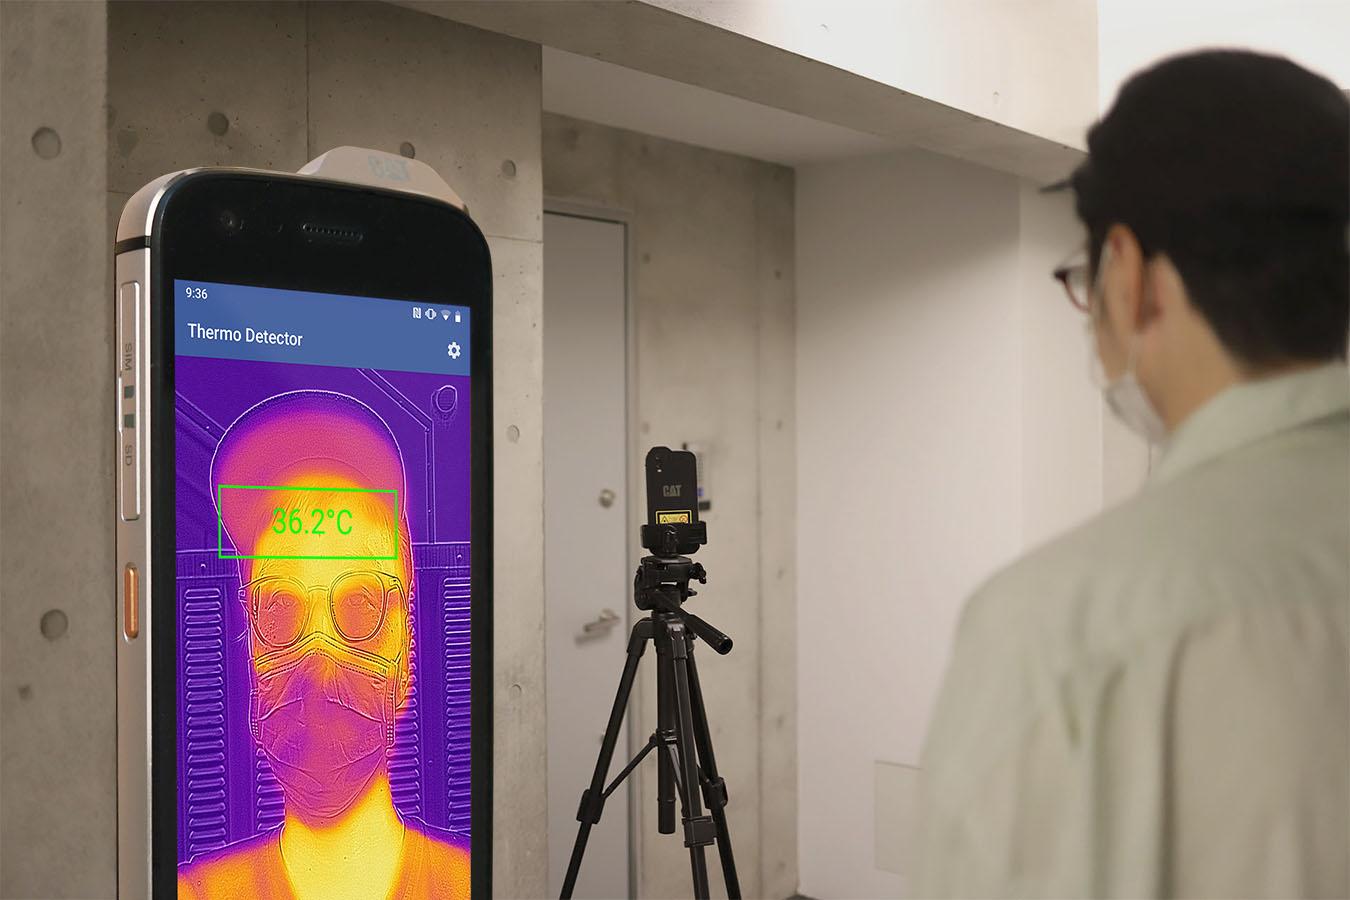 CAT S61で体温を計測し音声でお知らせするアプリをリリースしました